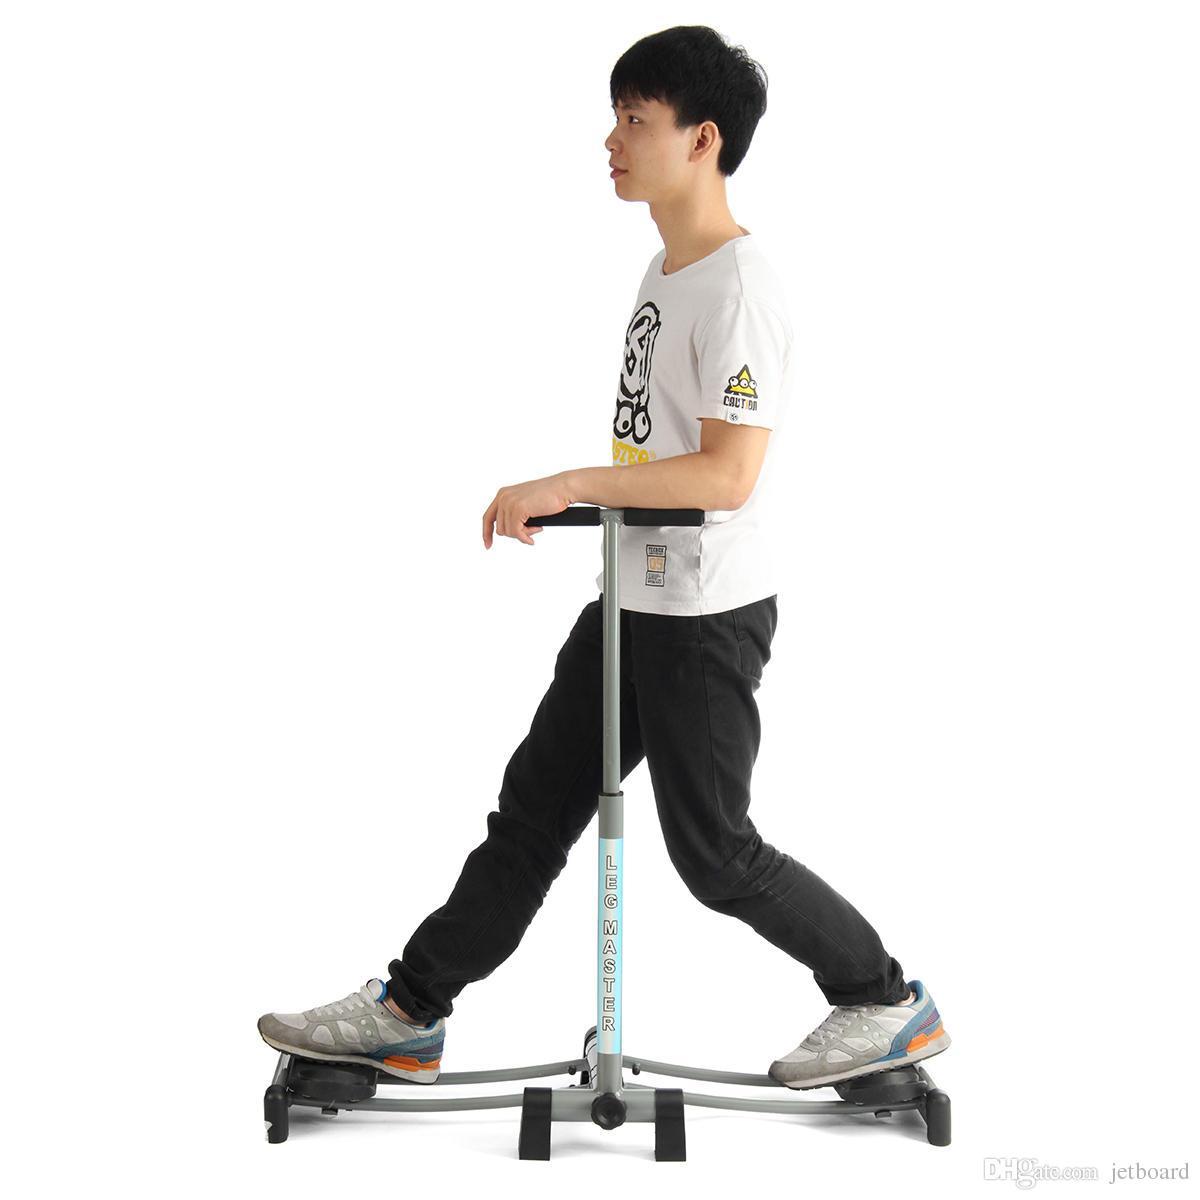 المنزل باستخدام طوي المنزلق معدات التخسيس الساق ممارسة آلة الساق ماجيك ماستر القلب ممارسة اللياقة البدنية السائر رياضة مدرب البطن